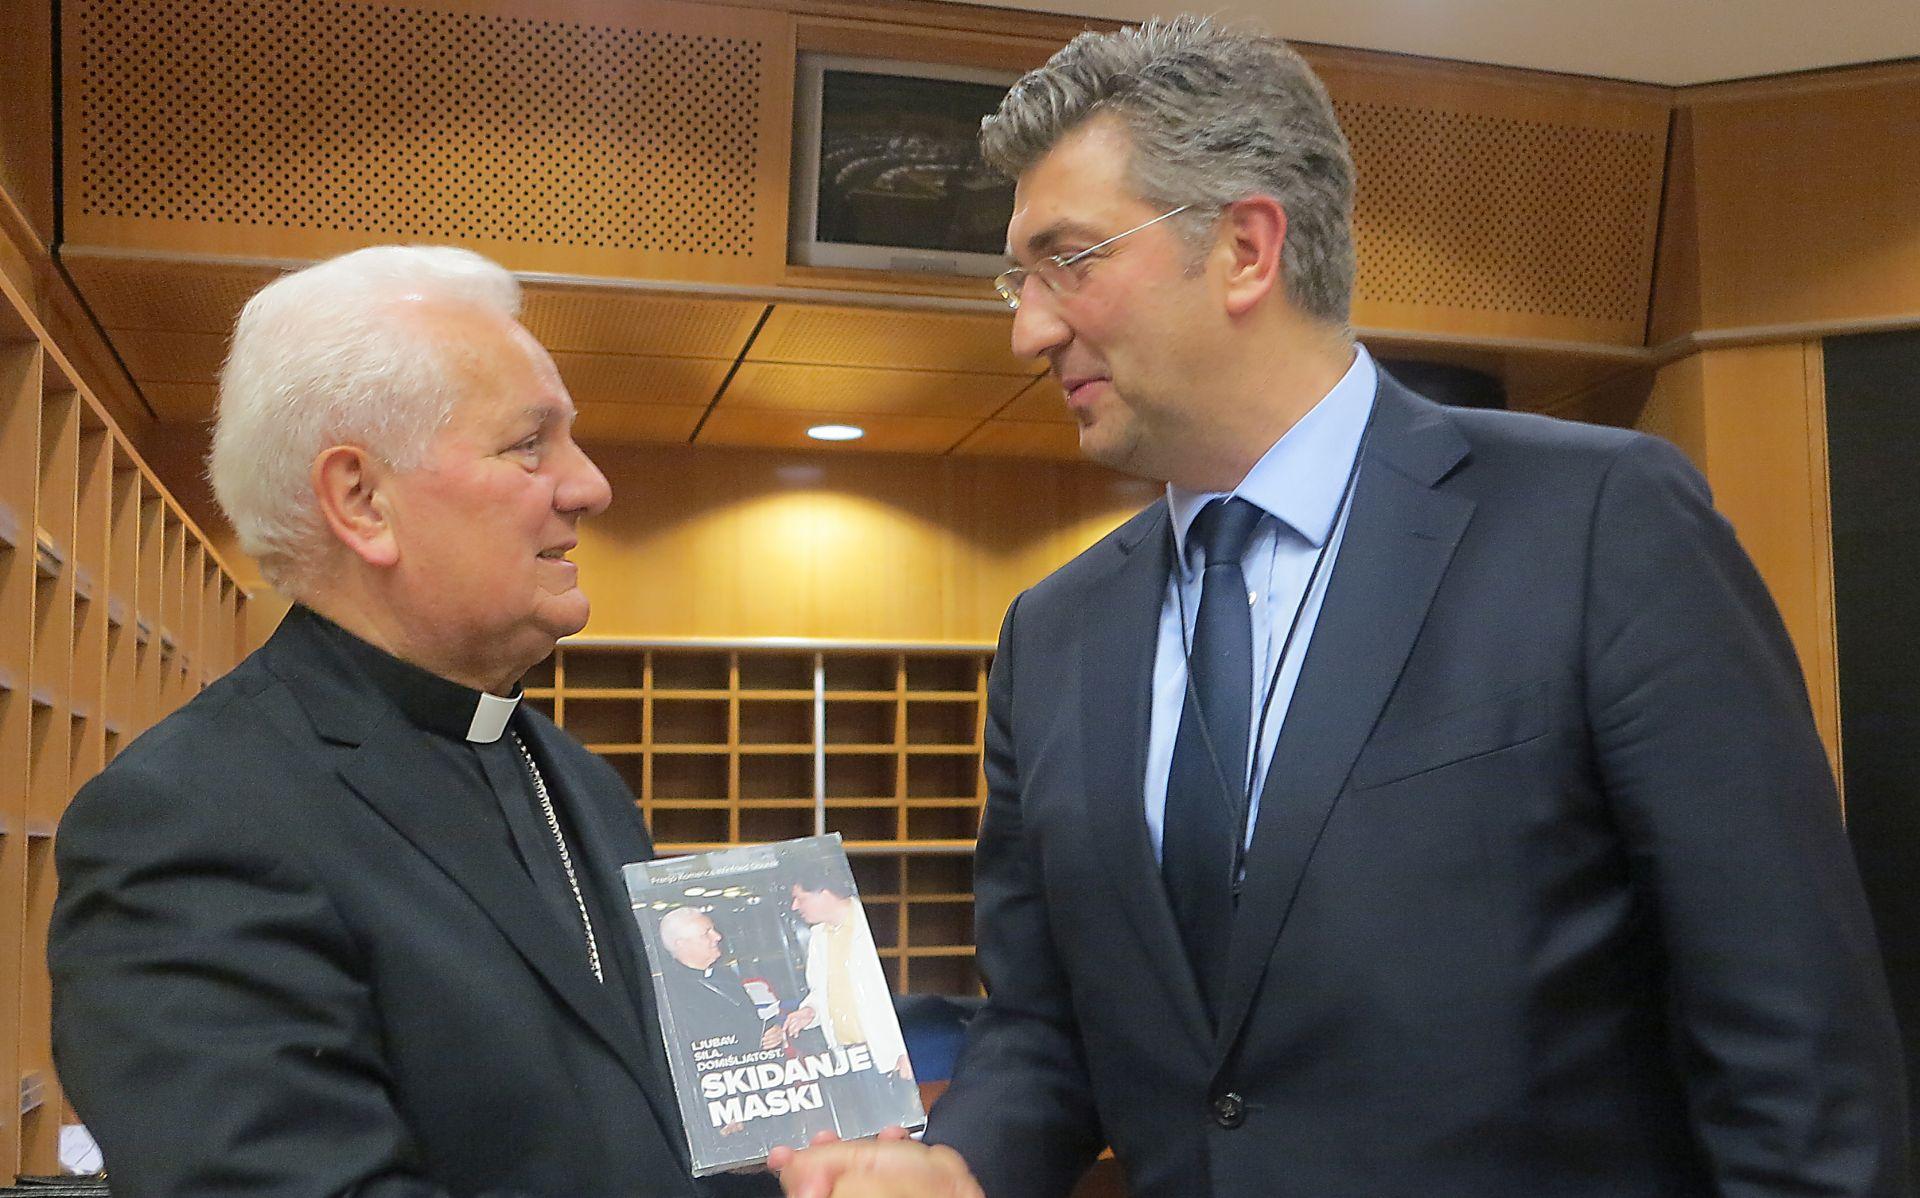 EUROPSKI PARLAMENT: Predstavljena knjiga o stradanju Hrvata u BiH